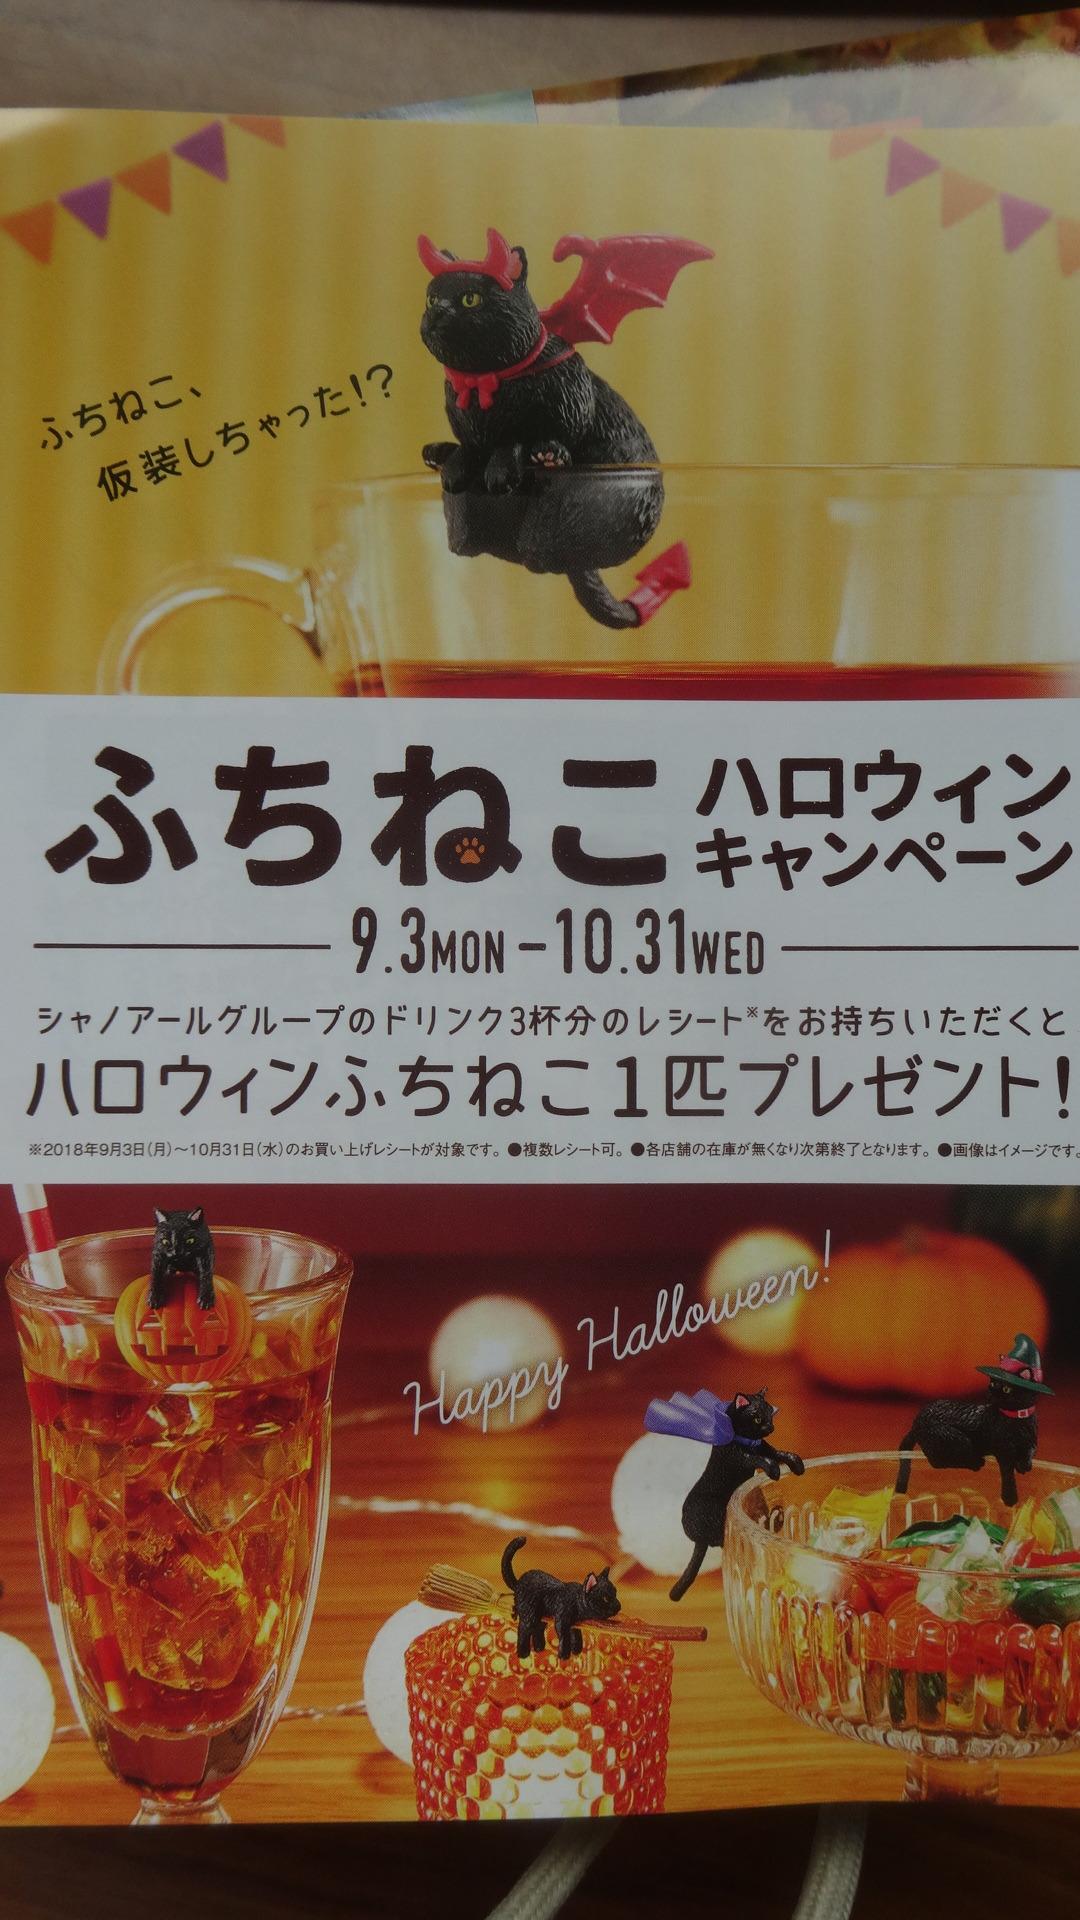 ハロウィンバージョンの宣伝ポスター